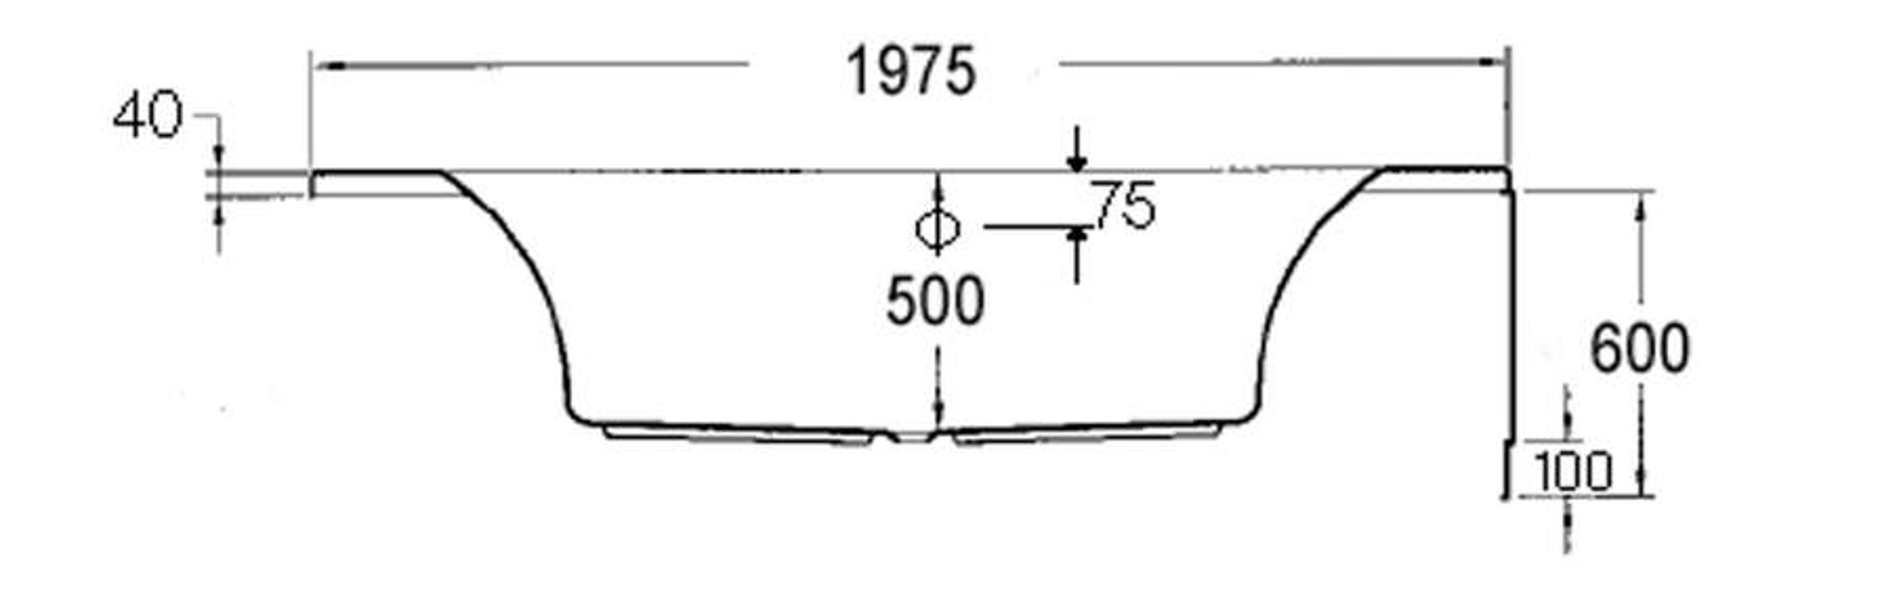 1793949-VwSIz.jpg